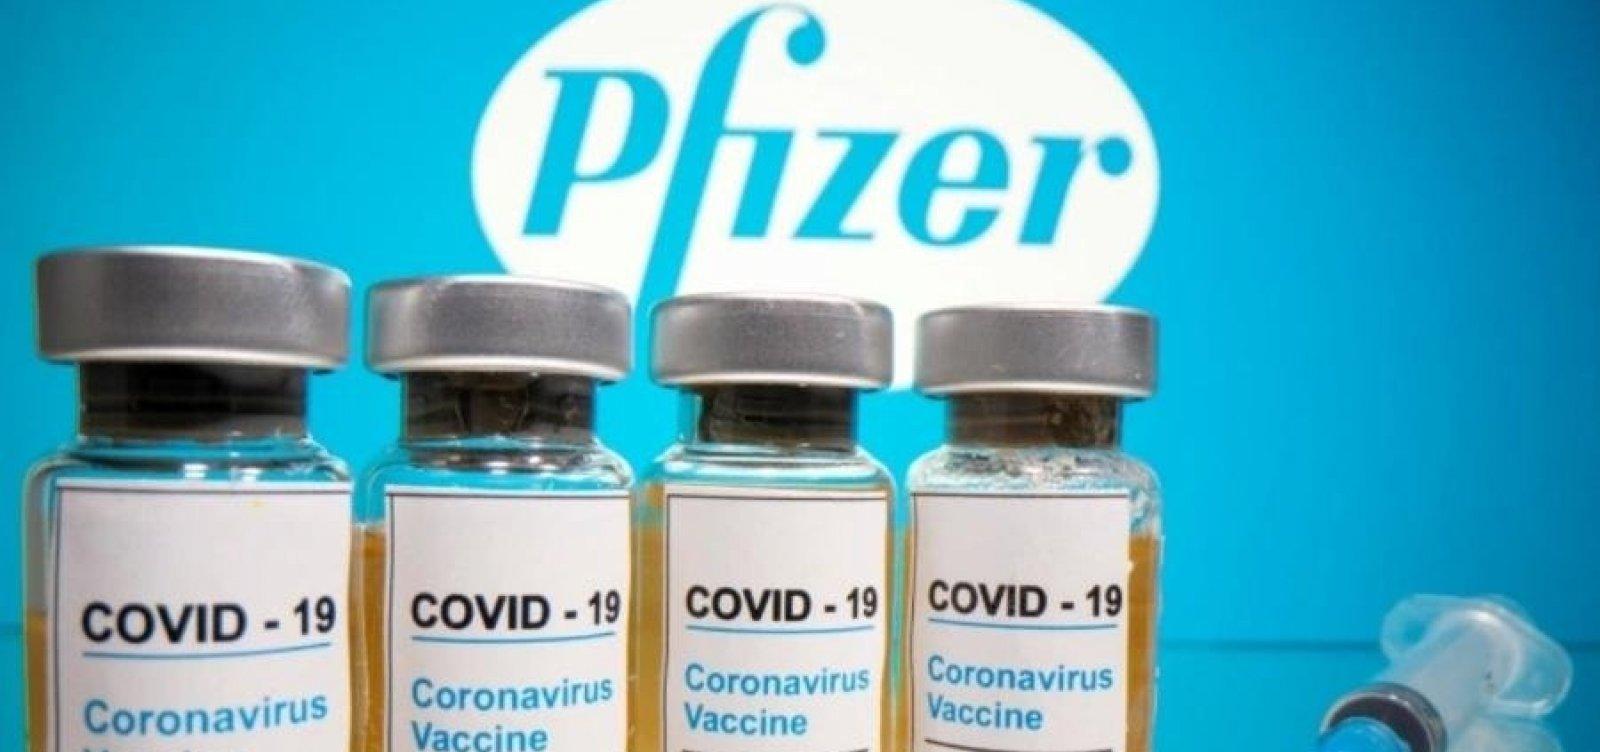 [Vacina da Pfizer é eficaz contra variantes da Covid-19, indica estudo]